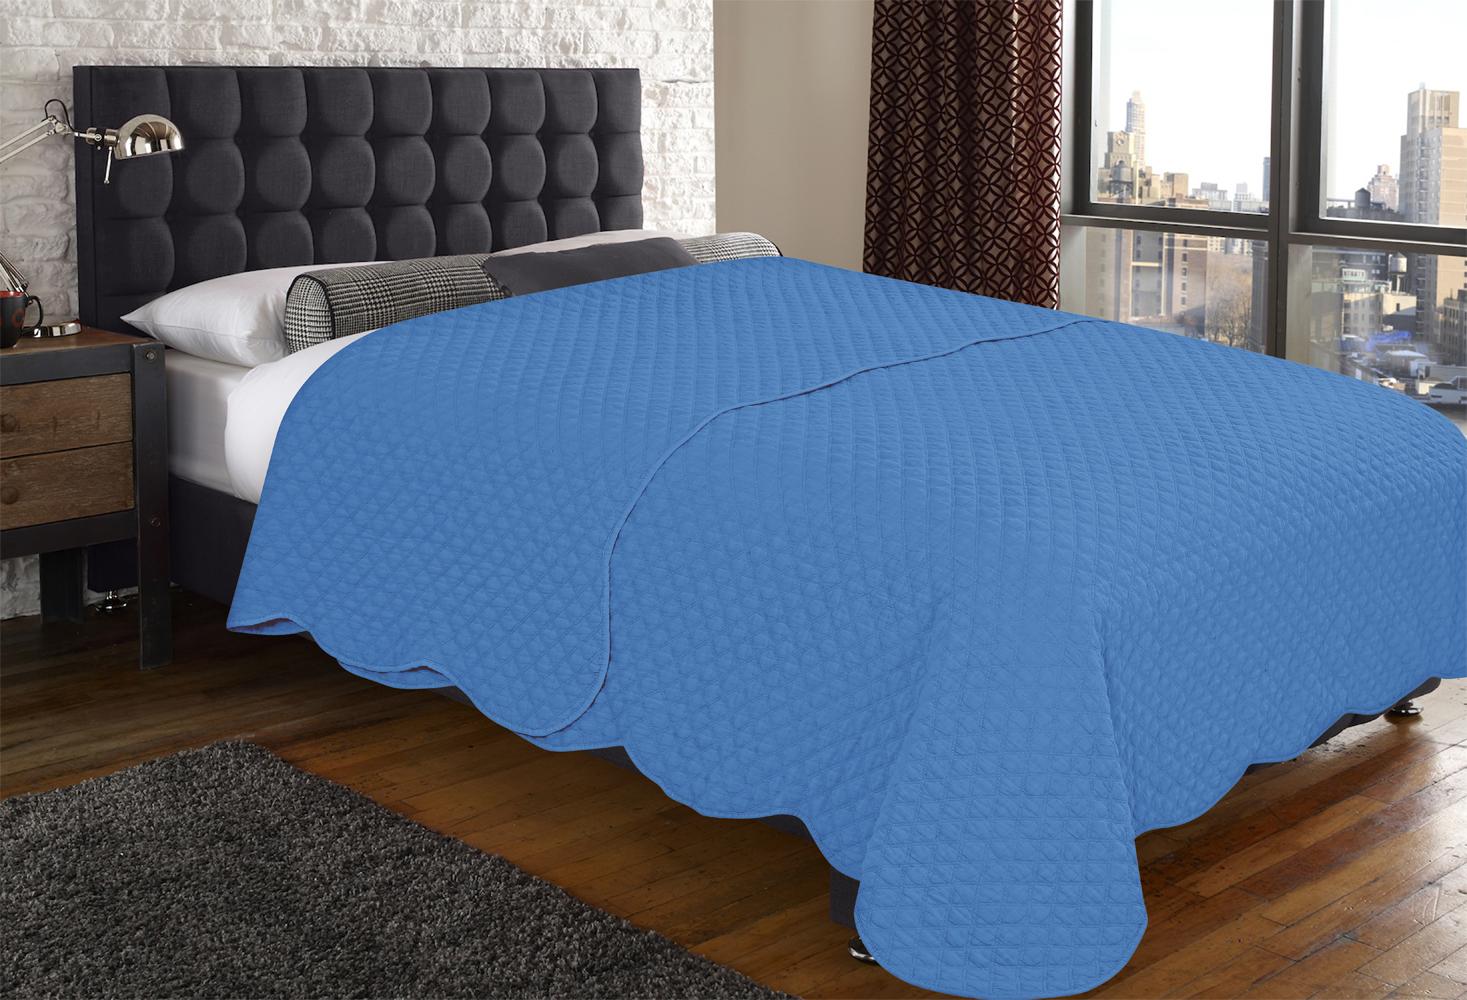 Купить Пледы и покрывала Amore Mio, Покрывало Mathew(220х240 см), Китай, Синий, Синтетический сатин